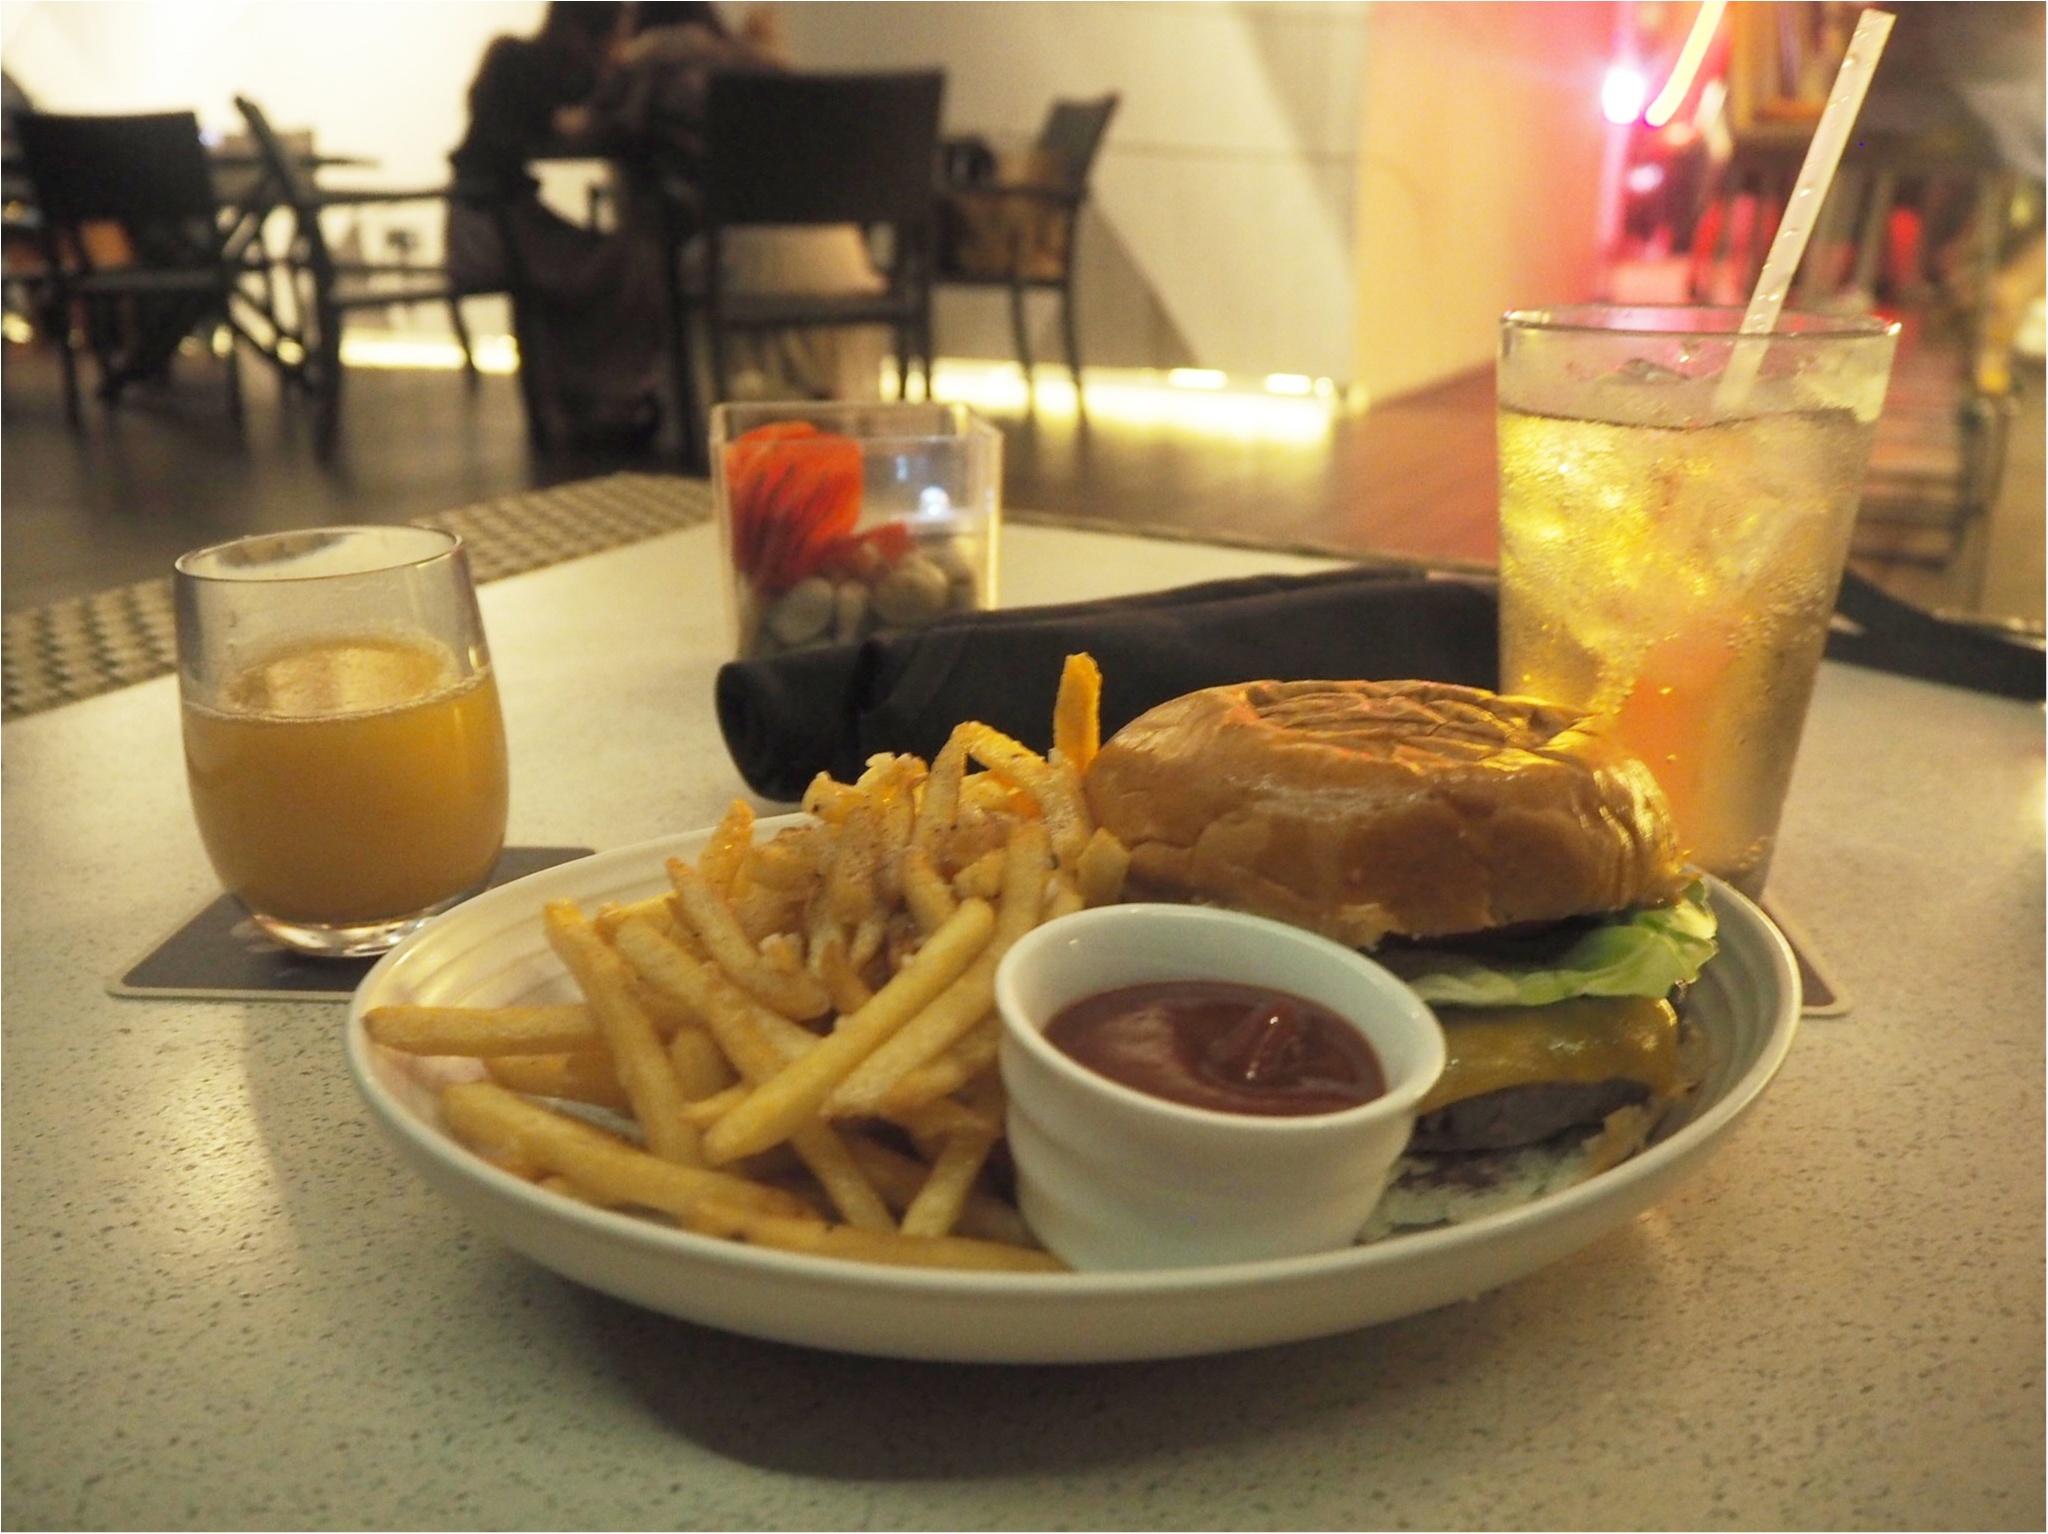 開放感あふれるテラスが魅力♡バーレストラン【SKY Waikiki】でディナー!毎週金曜のヒルトンの花火は見られるの?お答えします‼︎_4